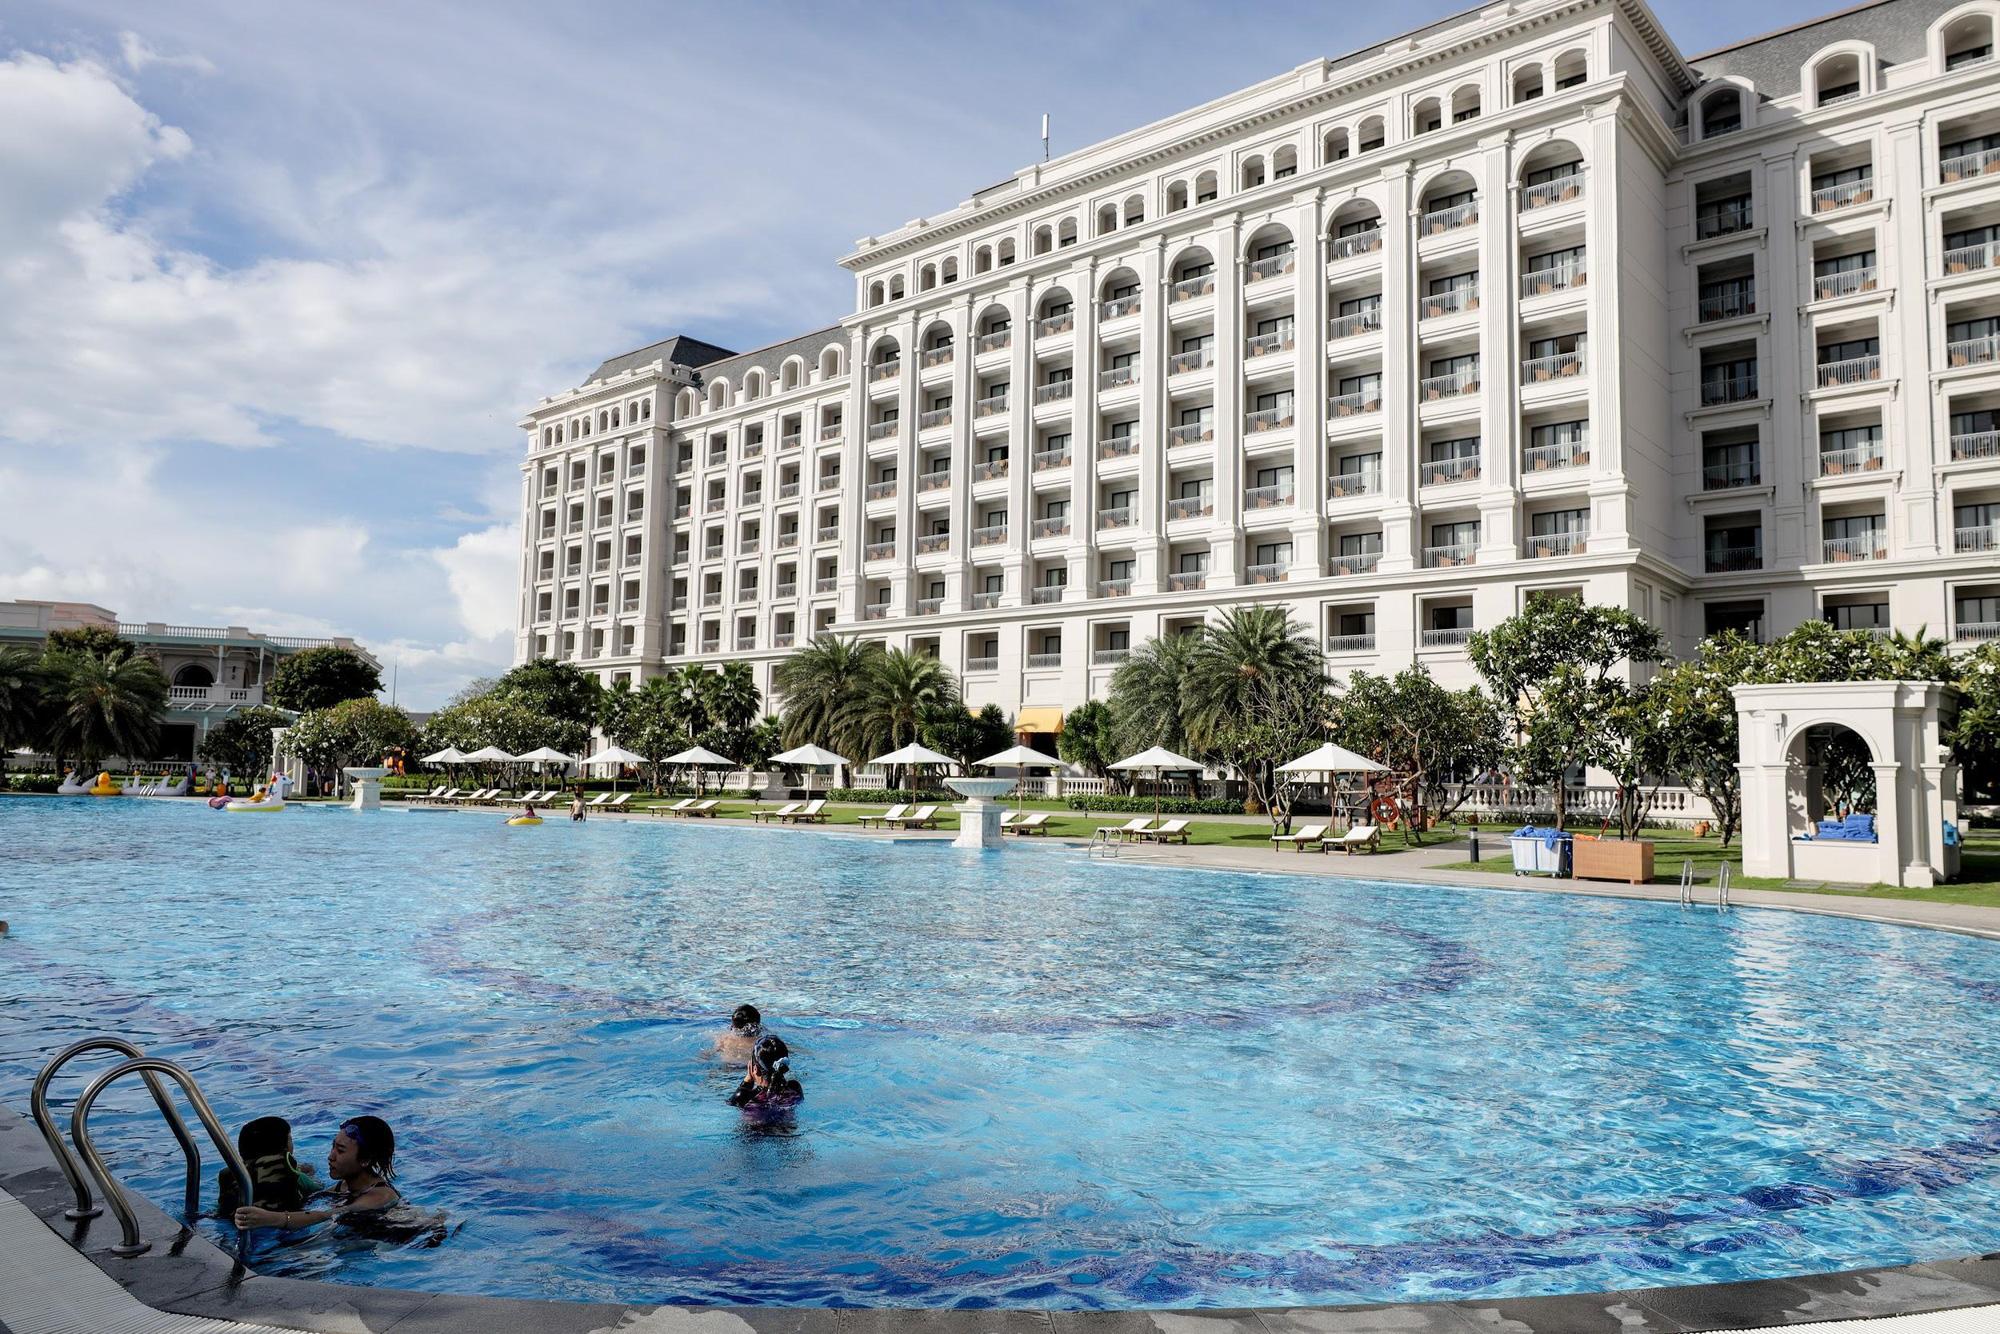 """Bộ ảnh """"chill"""" hết nấc của những người may mắn nhất được nhãn hàng bao trọn gói chuyến du lịch nghỉ dưỡng chanh sả tại resort 5 sao Vinpearl Phú Quốc - Ảnh 14."""